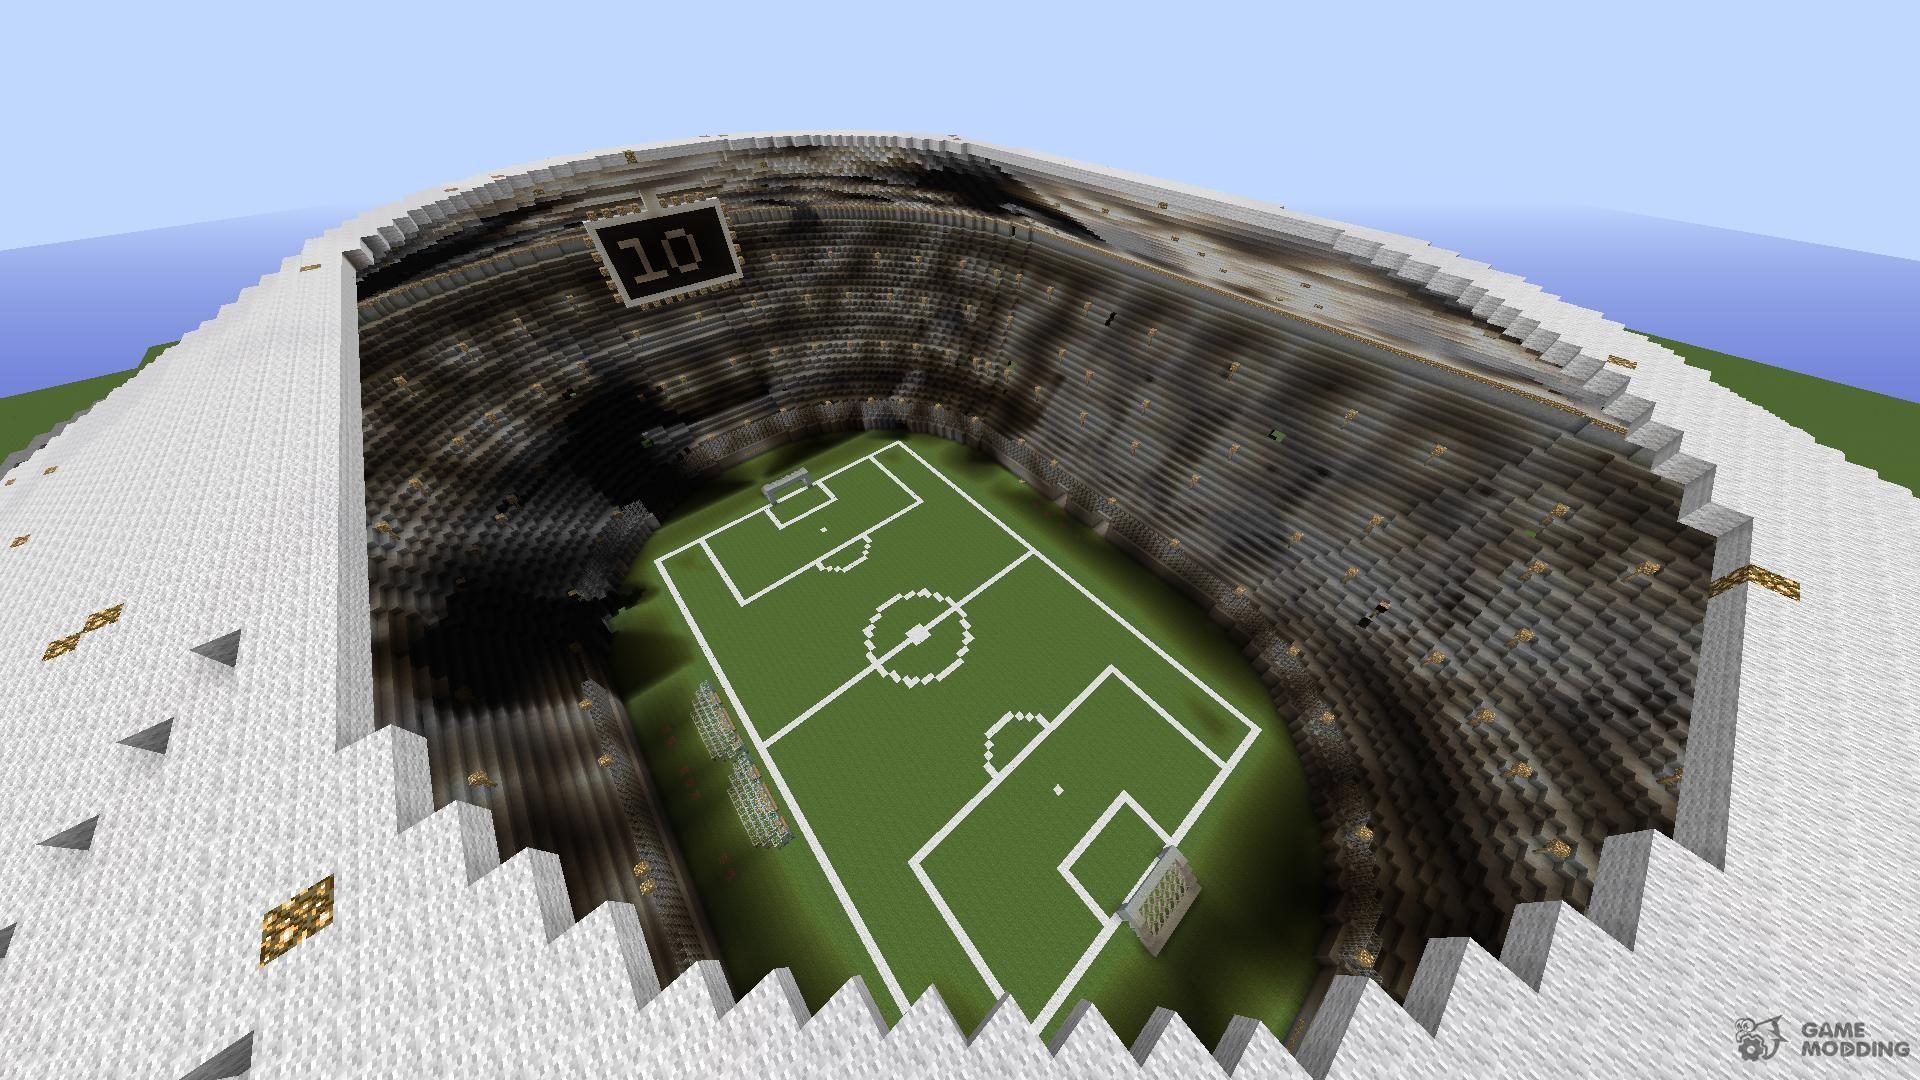 Download Wallpaper Minecraft Soccer - 469bce727f9d216a930d0e784c100e004eea44a43c631e445fedc35a75731661  Gallery_219419.jpg